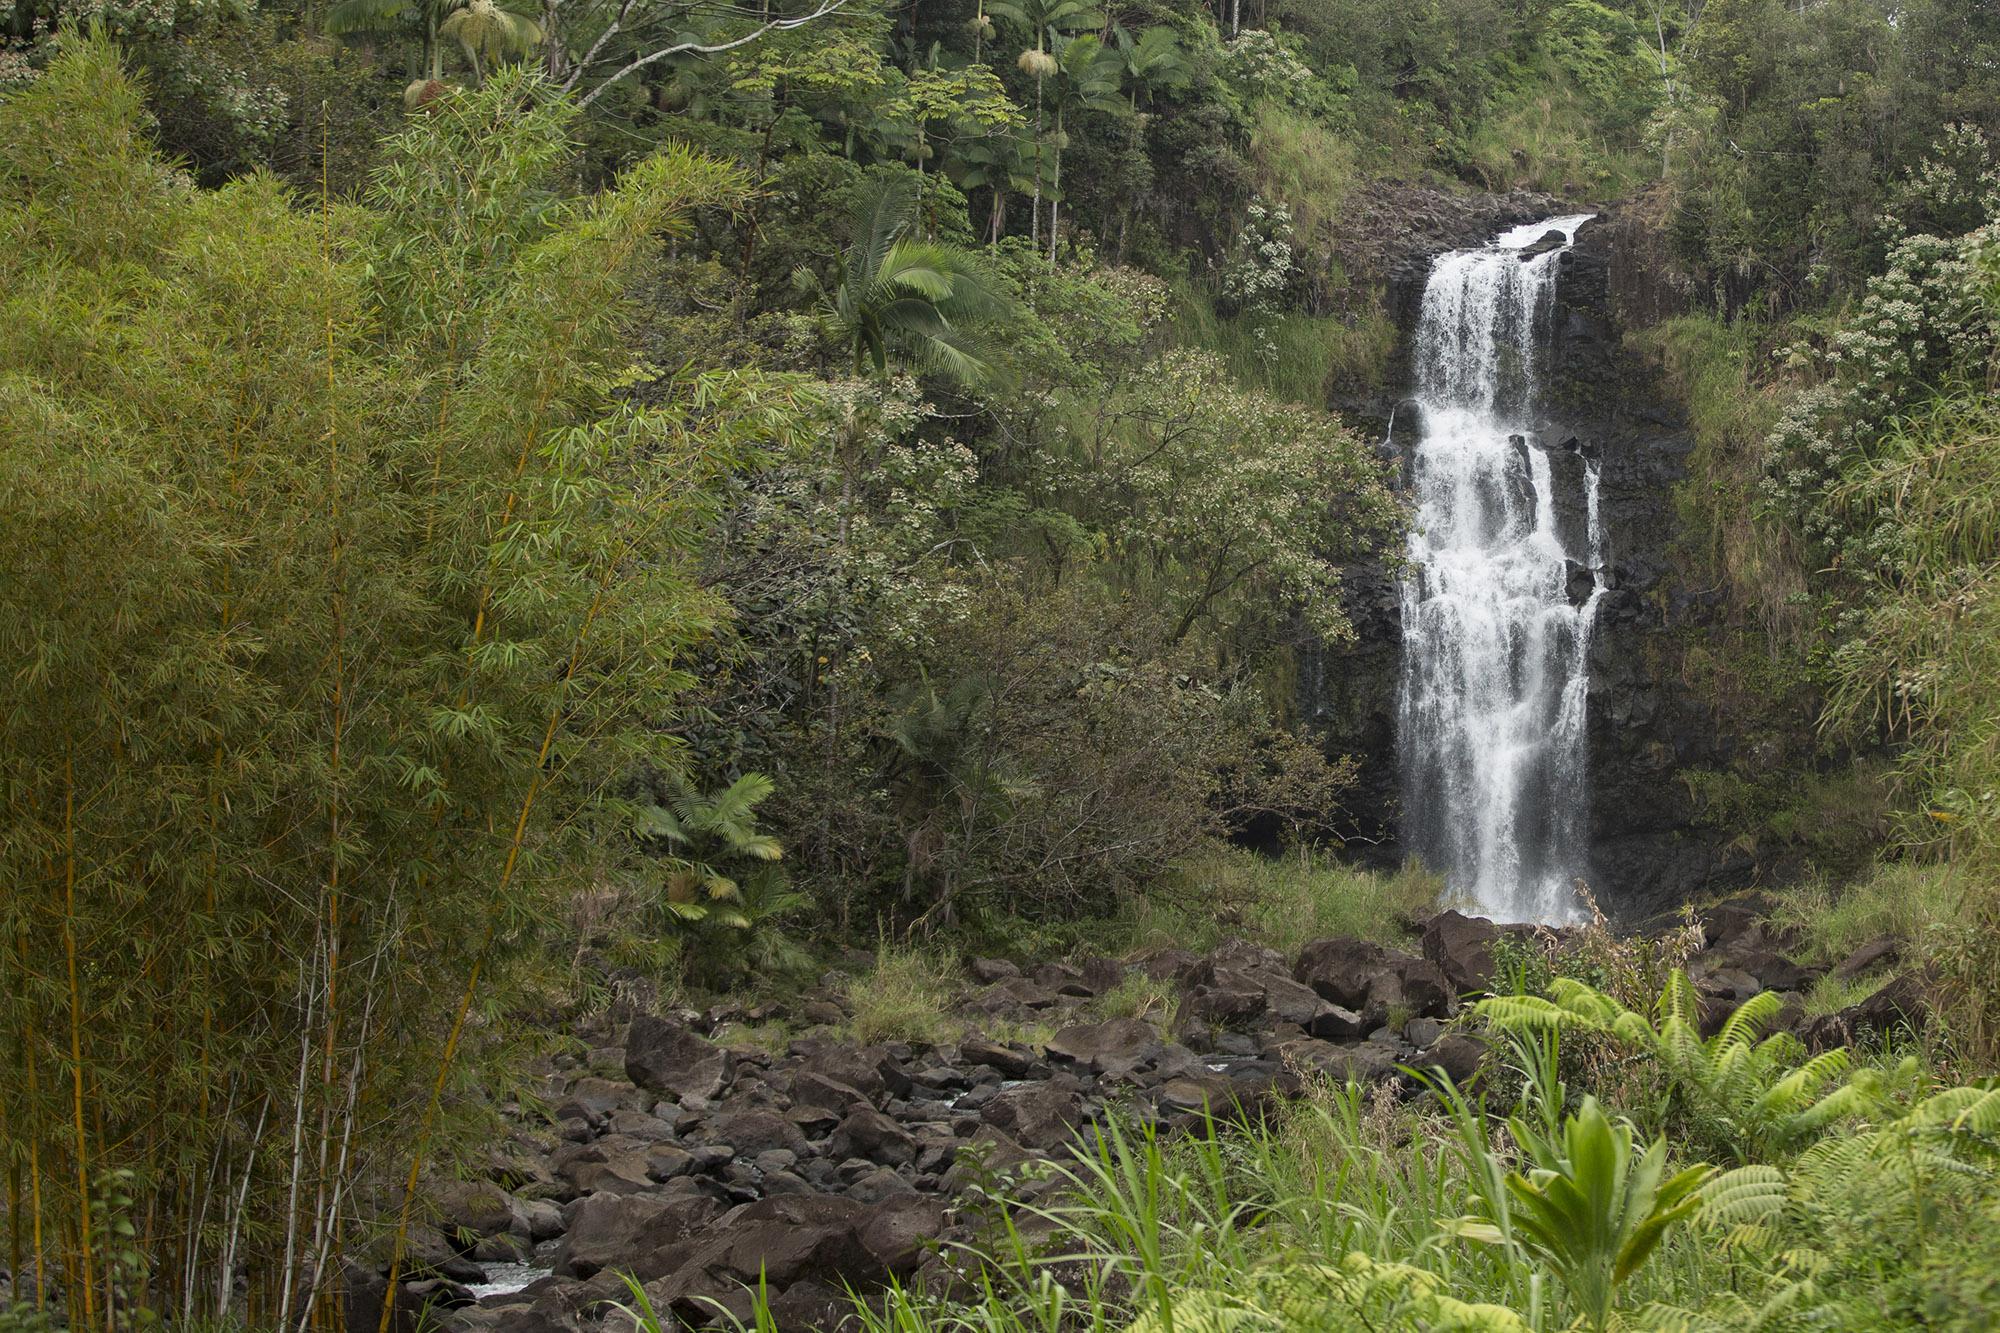 falls from bamboo garden - 2000x1333.jpg